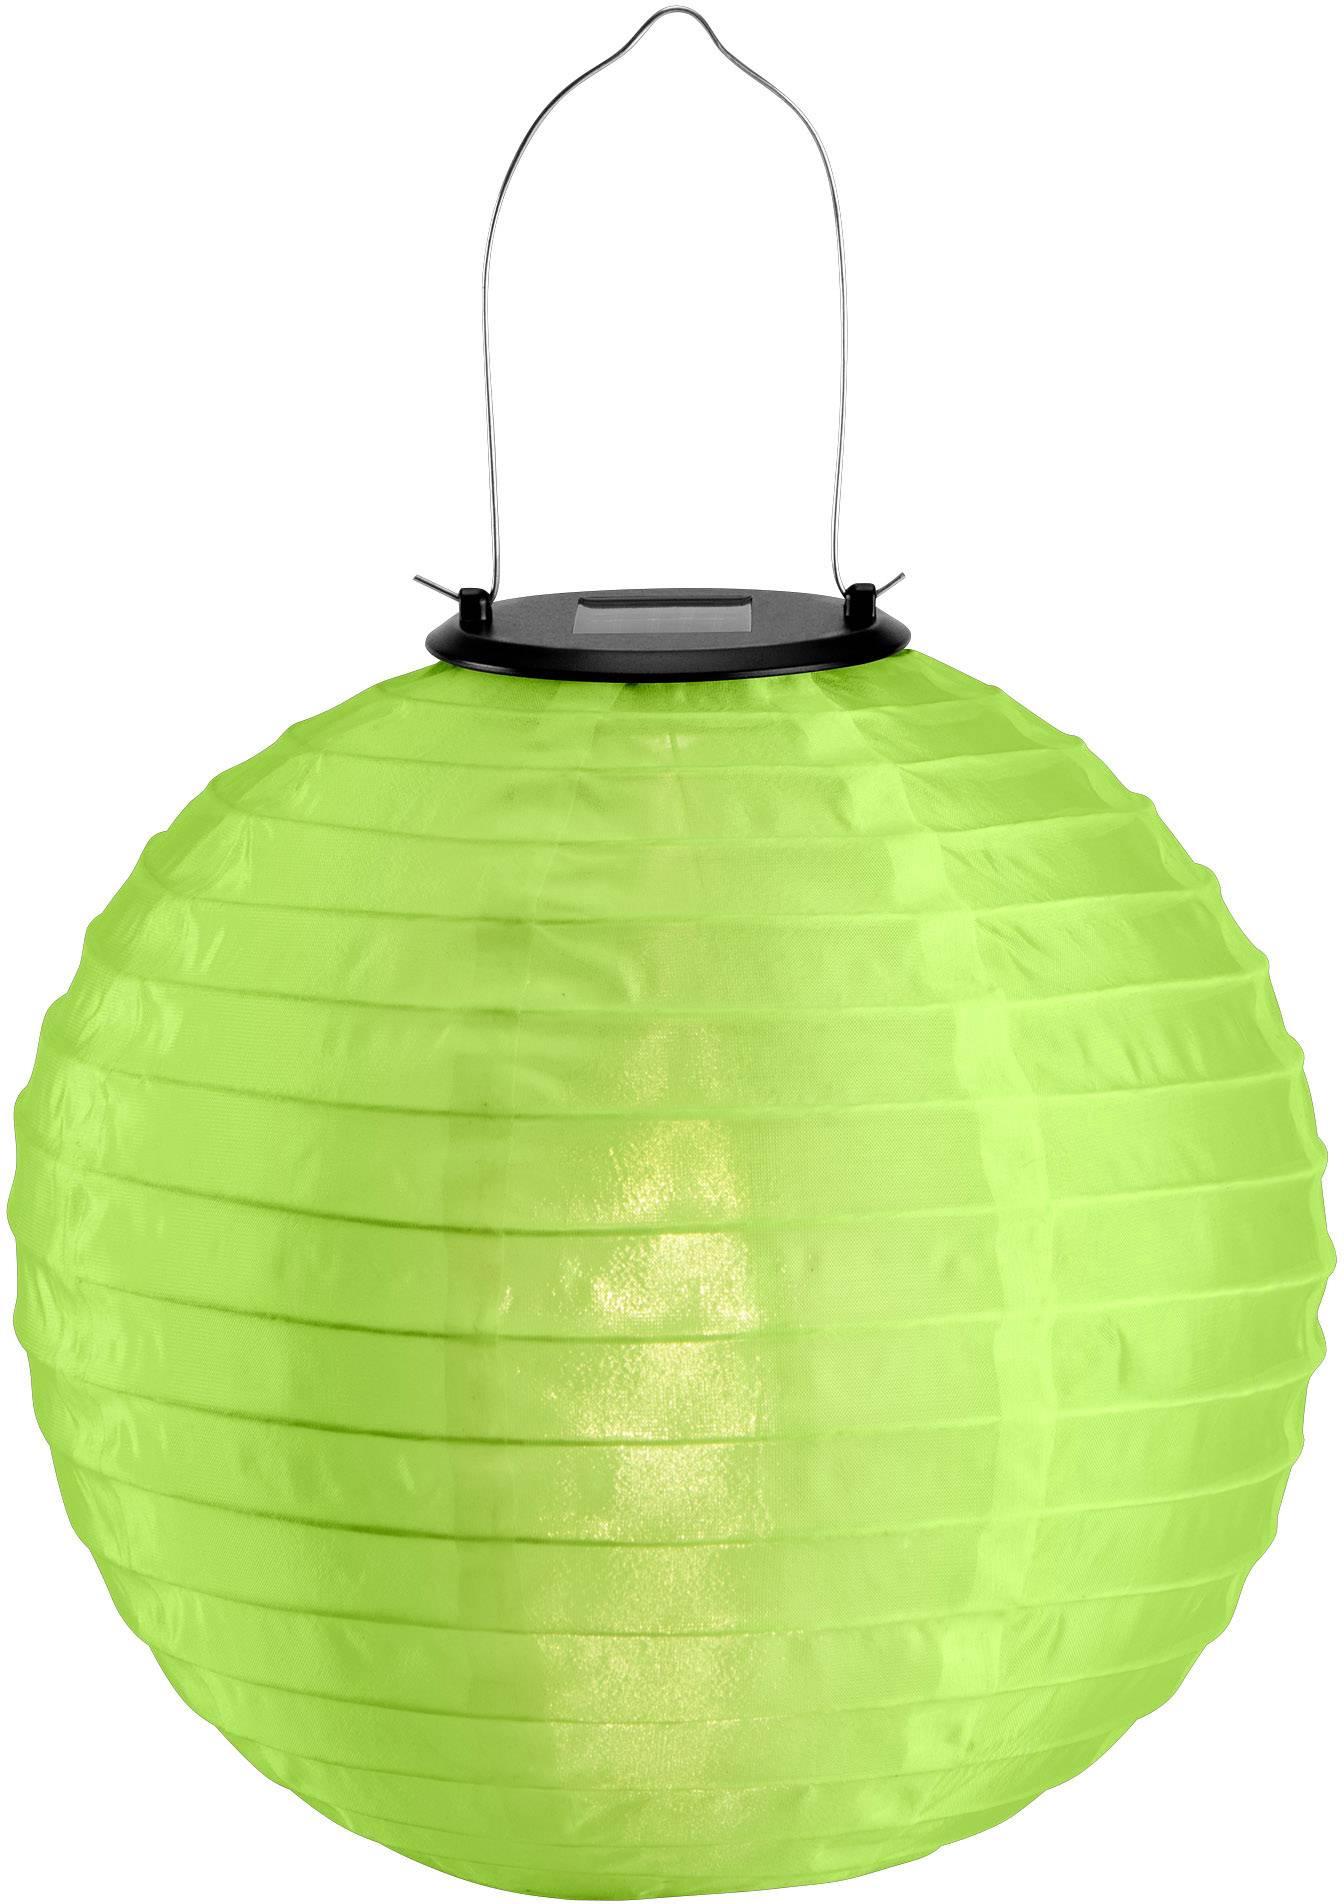 LED solárne dekoračné osvetlenie lampión Polarlite 0.06 W, IP44, zelená, teplá biela